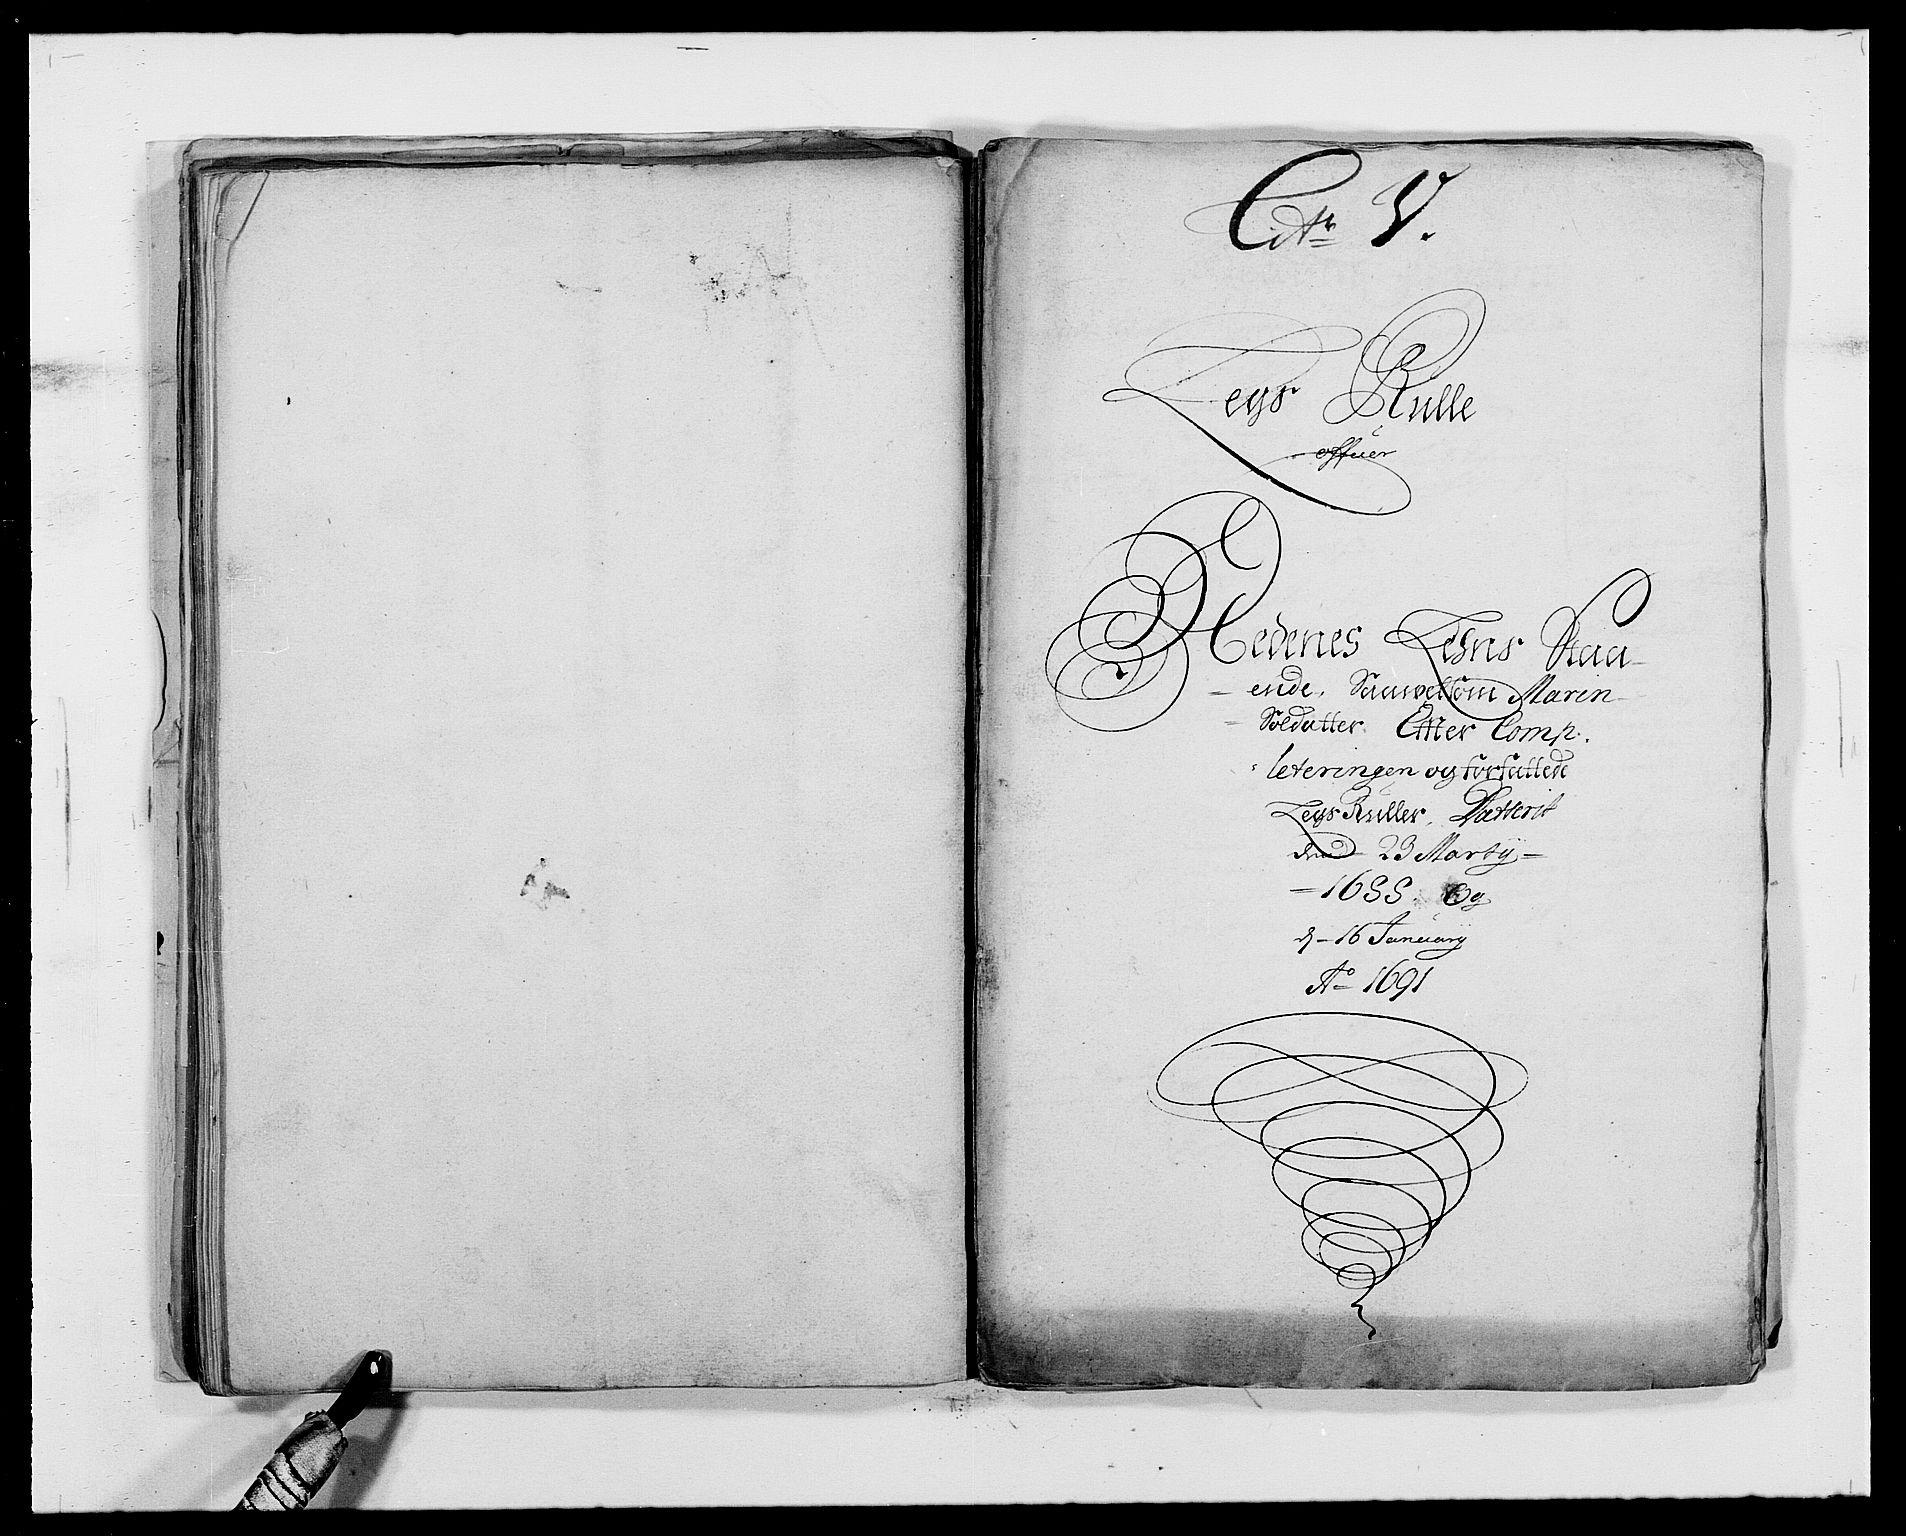 RA, Rentekammeret inntil 1814, Reviderte regnskaper, Fogderegnskap, R39/L2311: Fogderegnskap Nedenes, 1690-1692, s. 81